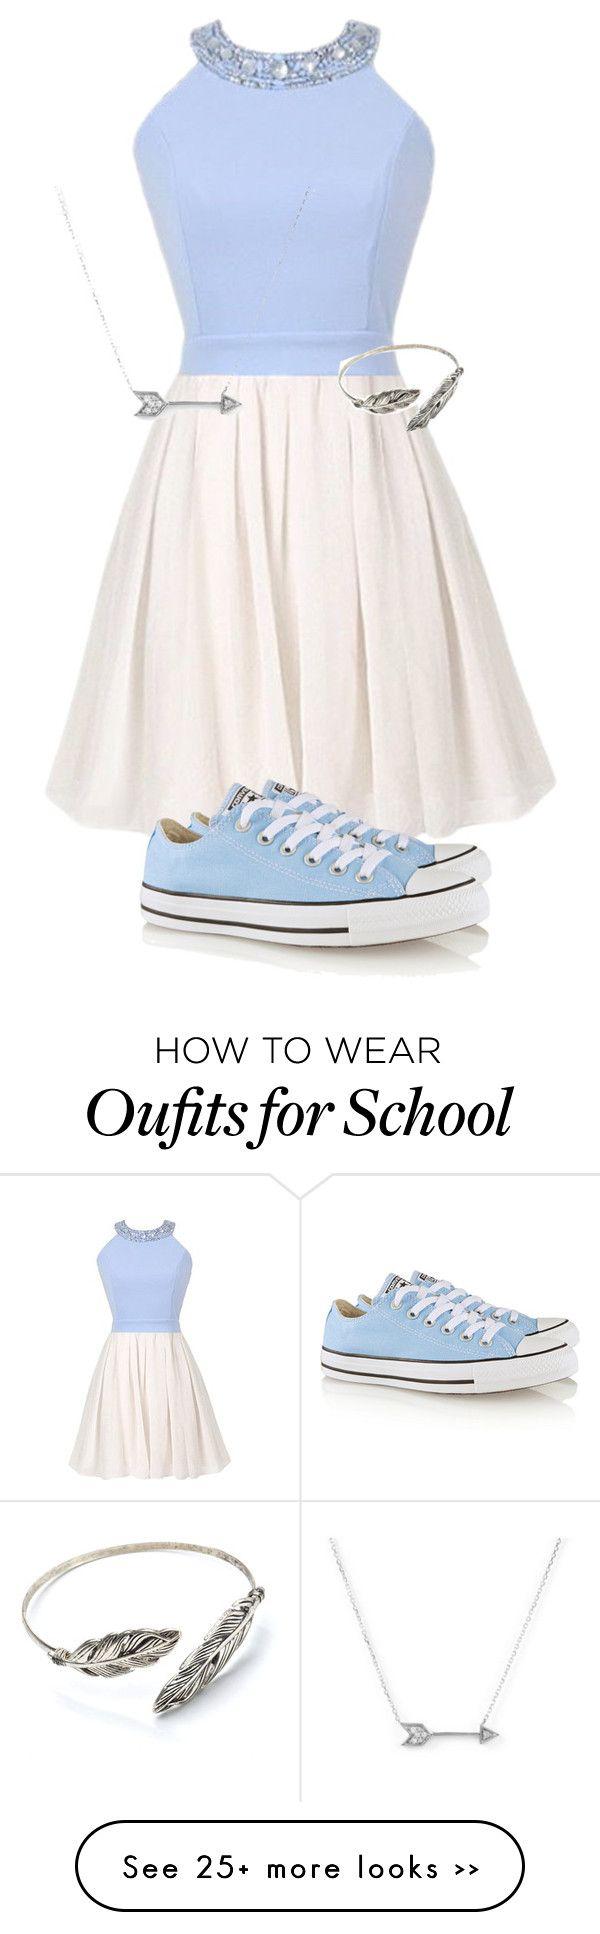 Bueno, como verán yo ya puse varios artículos sobre vestidos, ya se de que ahora estamos en invierno, pero nunca es tarde para ir preparando las cosas de primavera!! (Para que sepan yo soy de Argentina )